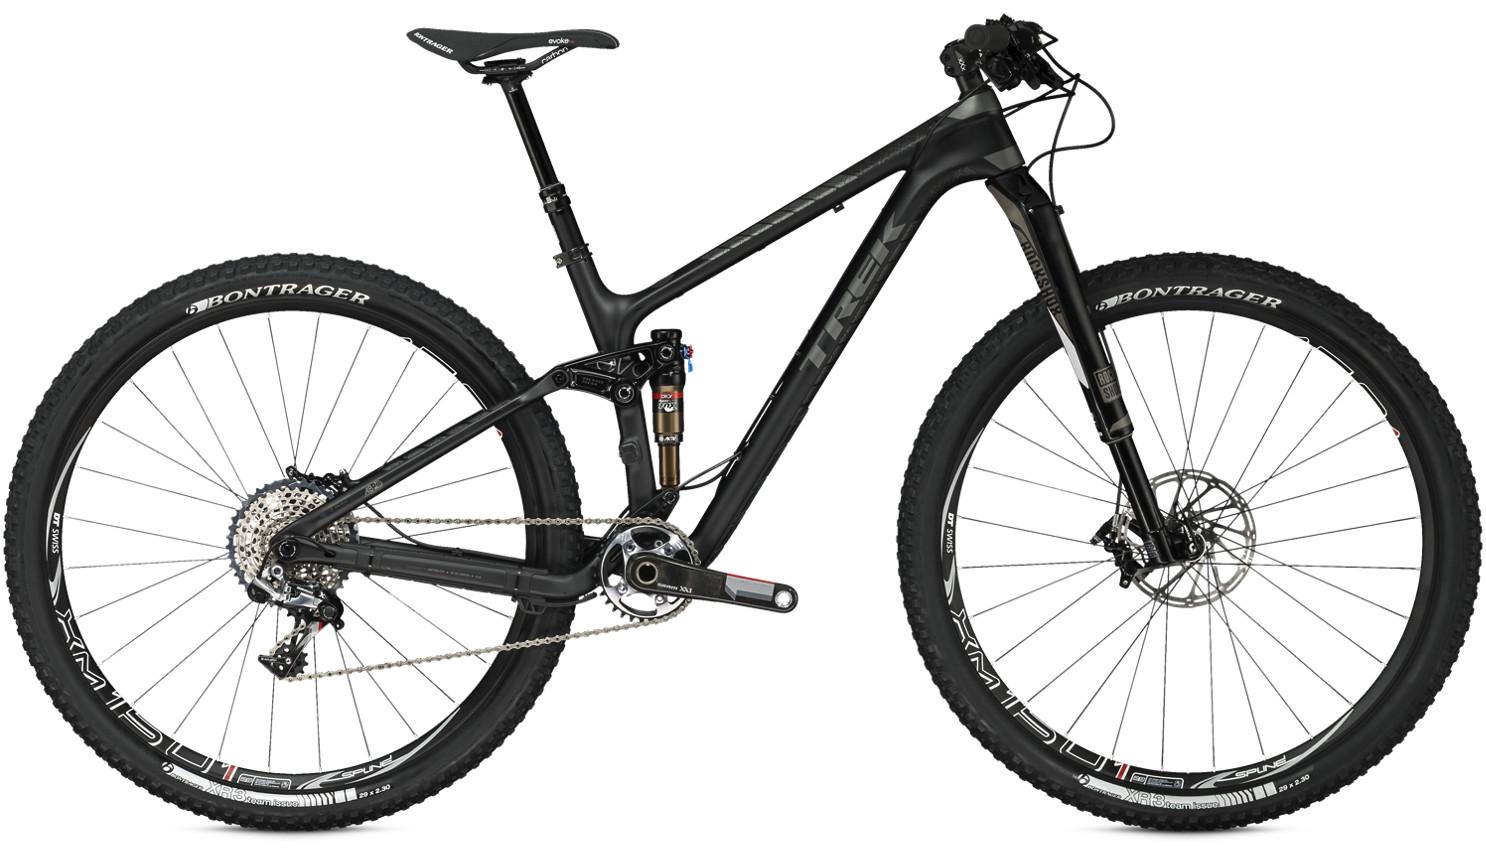 Trek Fuel EX 9.9 29 XX1